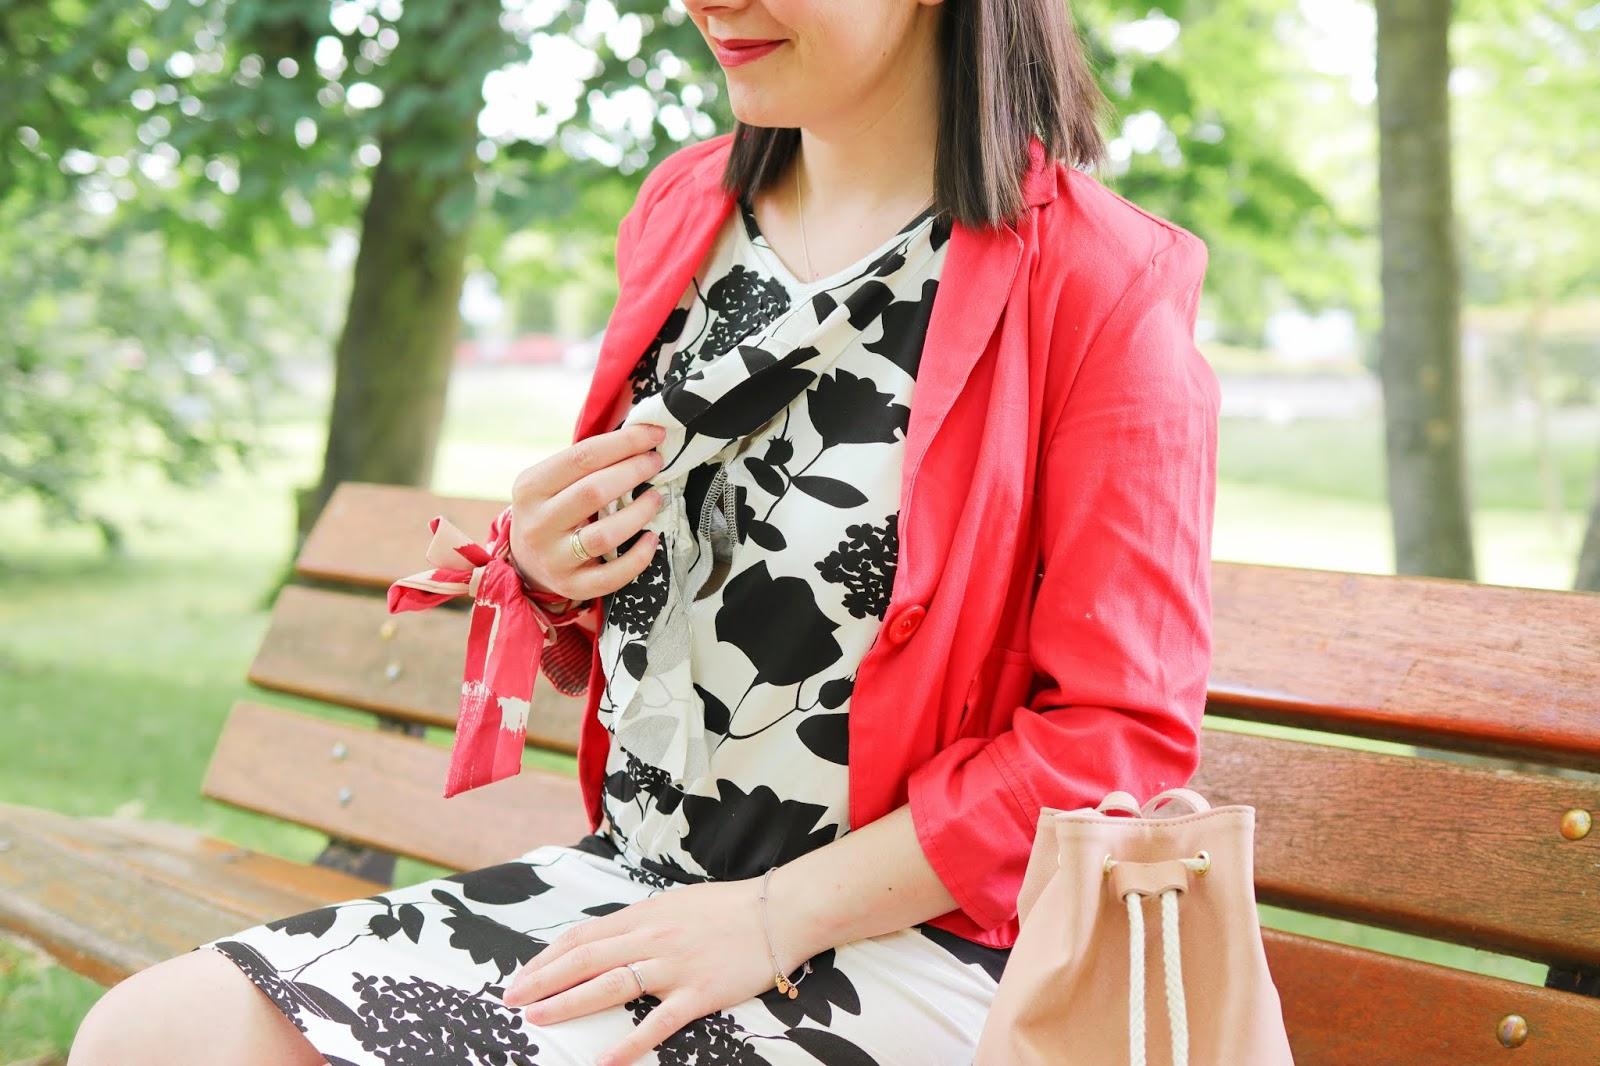 look comment s'habiller idée tenue allaitement allaiter vêtement pratique en public bébé robe tee shirt milker mariage bapteme